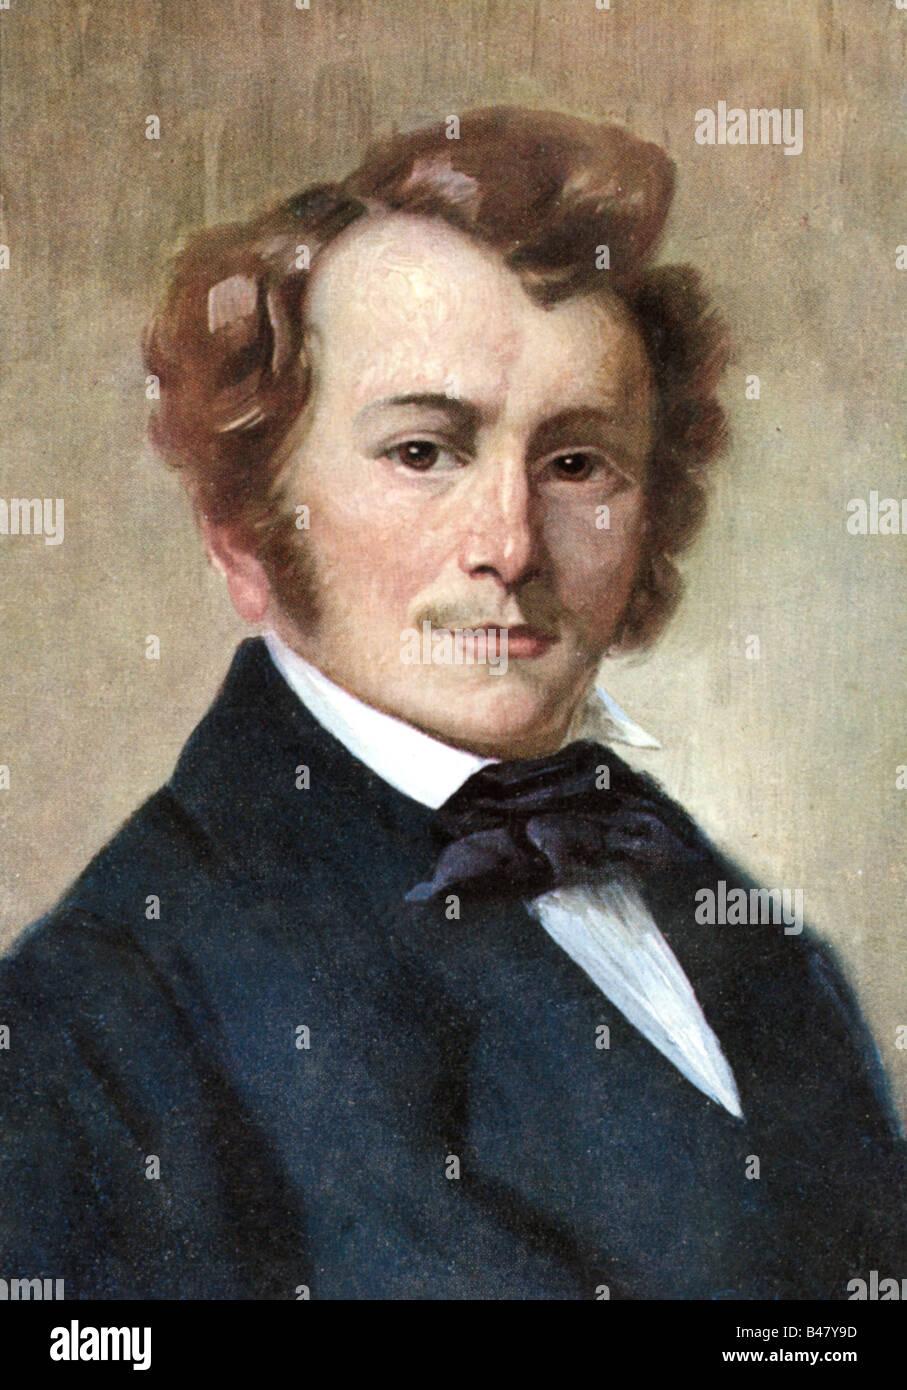 Lortzing, Albert, 23.10.1801 - 21.01.1851, deutscher Komponist, Portrait, Gemälde von Robert Einhorn, um 1910, Stockbild